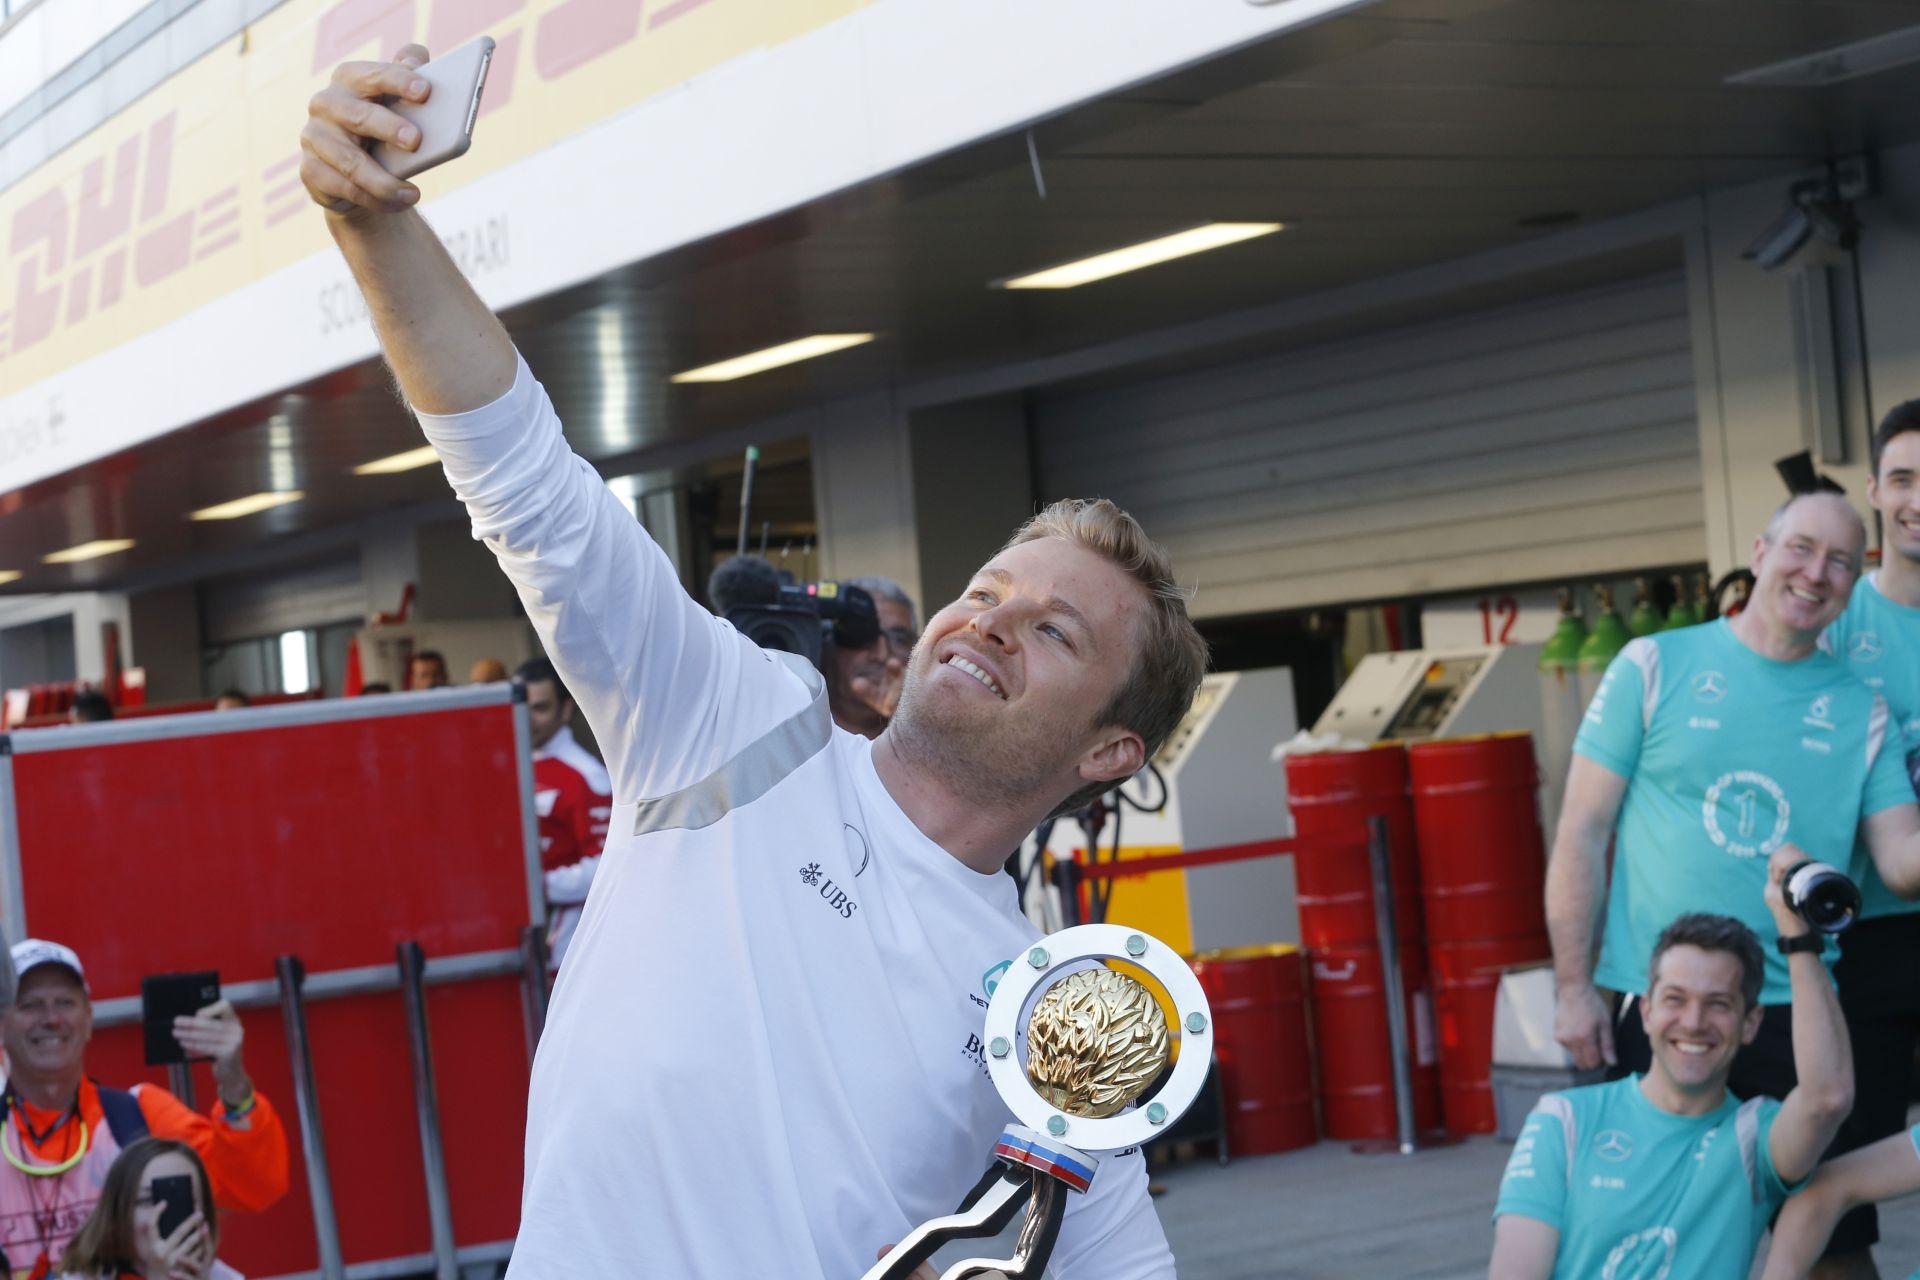 Miért menne Rosberg a Ferrarihoz, amikor Vettel már két éve ott van?!